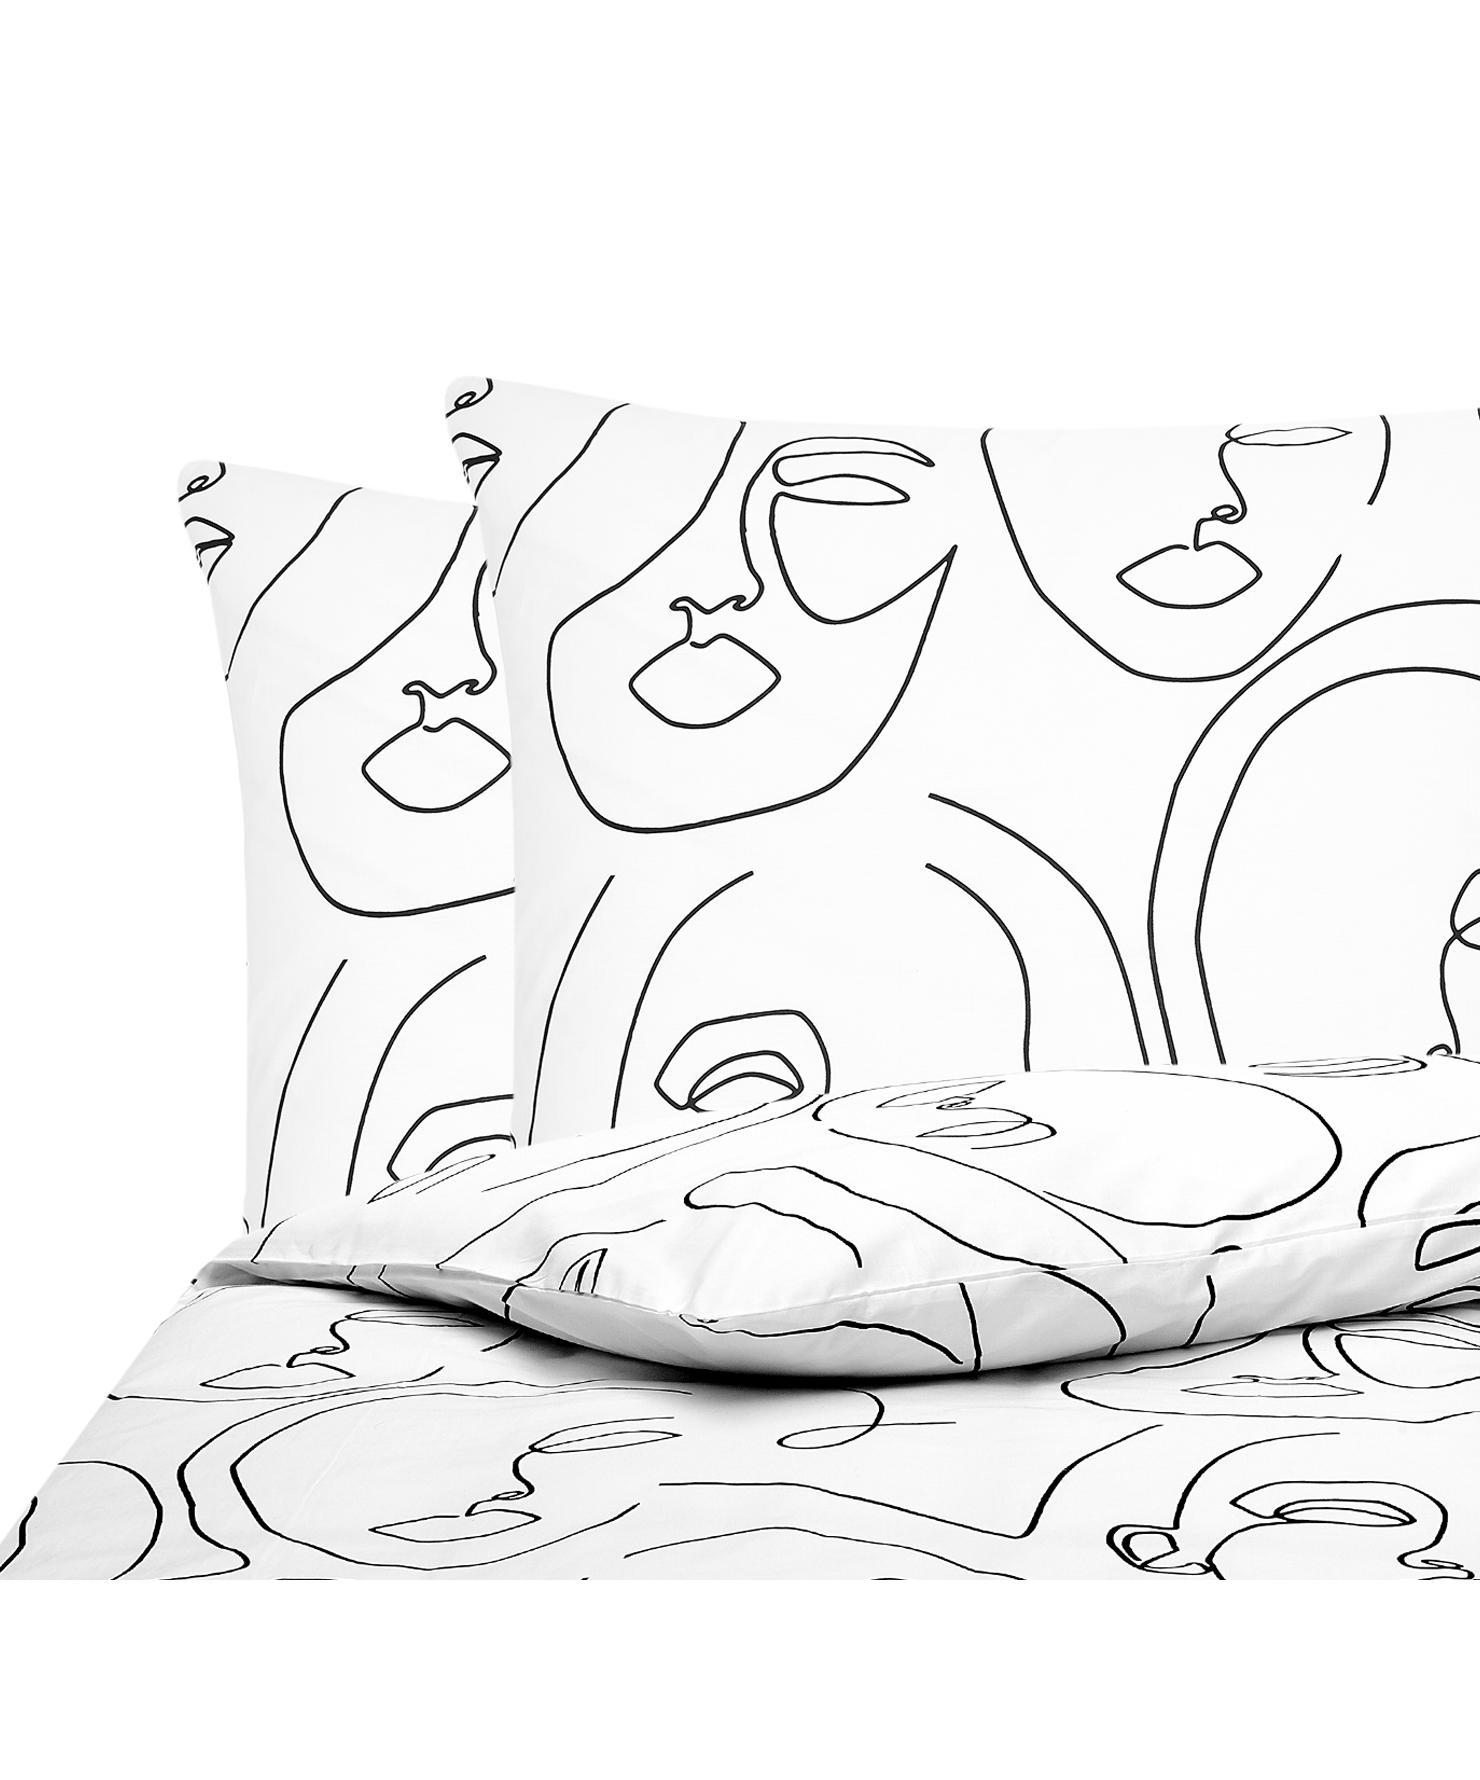 Baumwollperkal-Bettwäsche Aria mit One Line Zeichnung, Webart: Perkal Fadendichte 180 TC, Weiß, Schwarz, 240 x 220 cm + 2 Kissen 80 x 80 cm